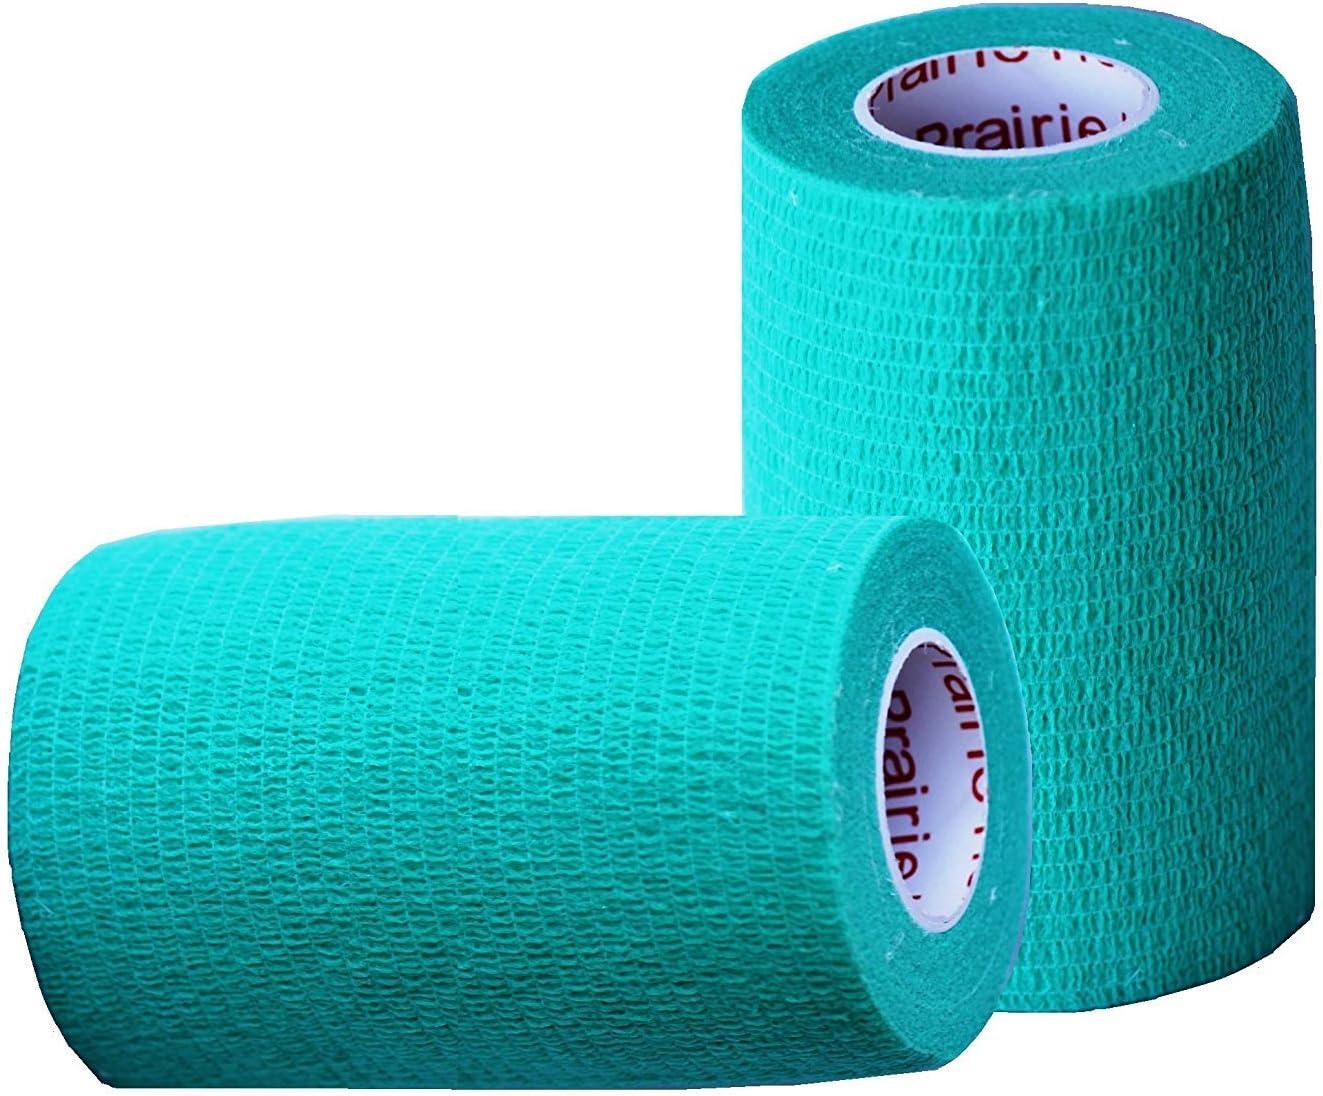 Self-Adhesive Self Adherent Adhering Flex Bandage Rap Grip Roll for Dog Cat Pet Horse 6, 12, 18, or 24 Packs 4 Inch Vet Wrap Tape Bulk Assorted Colors